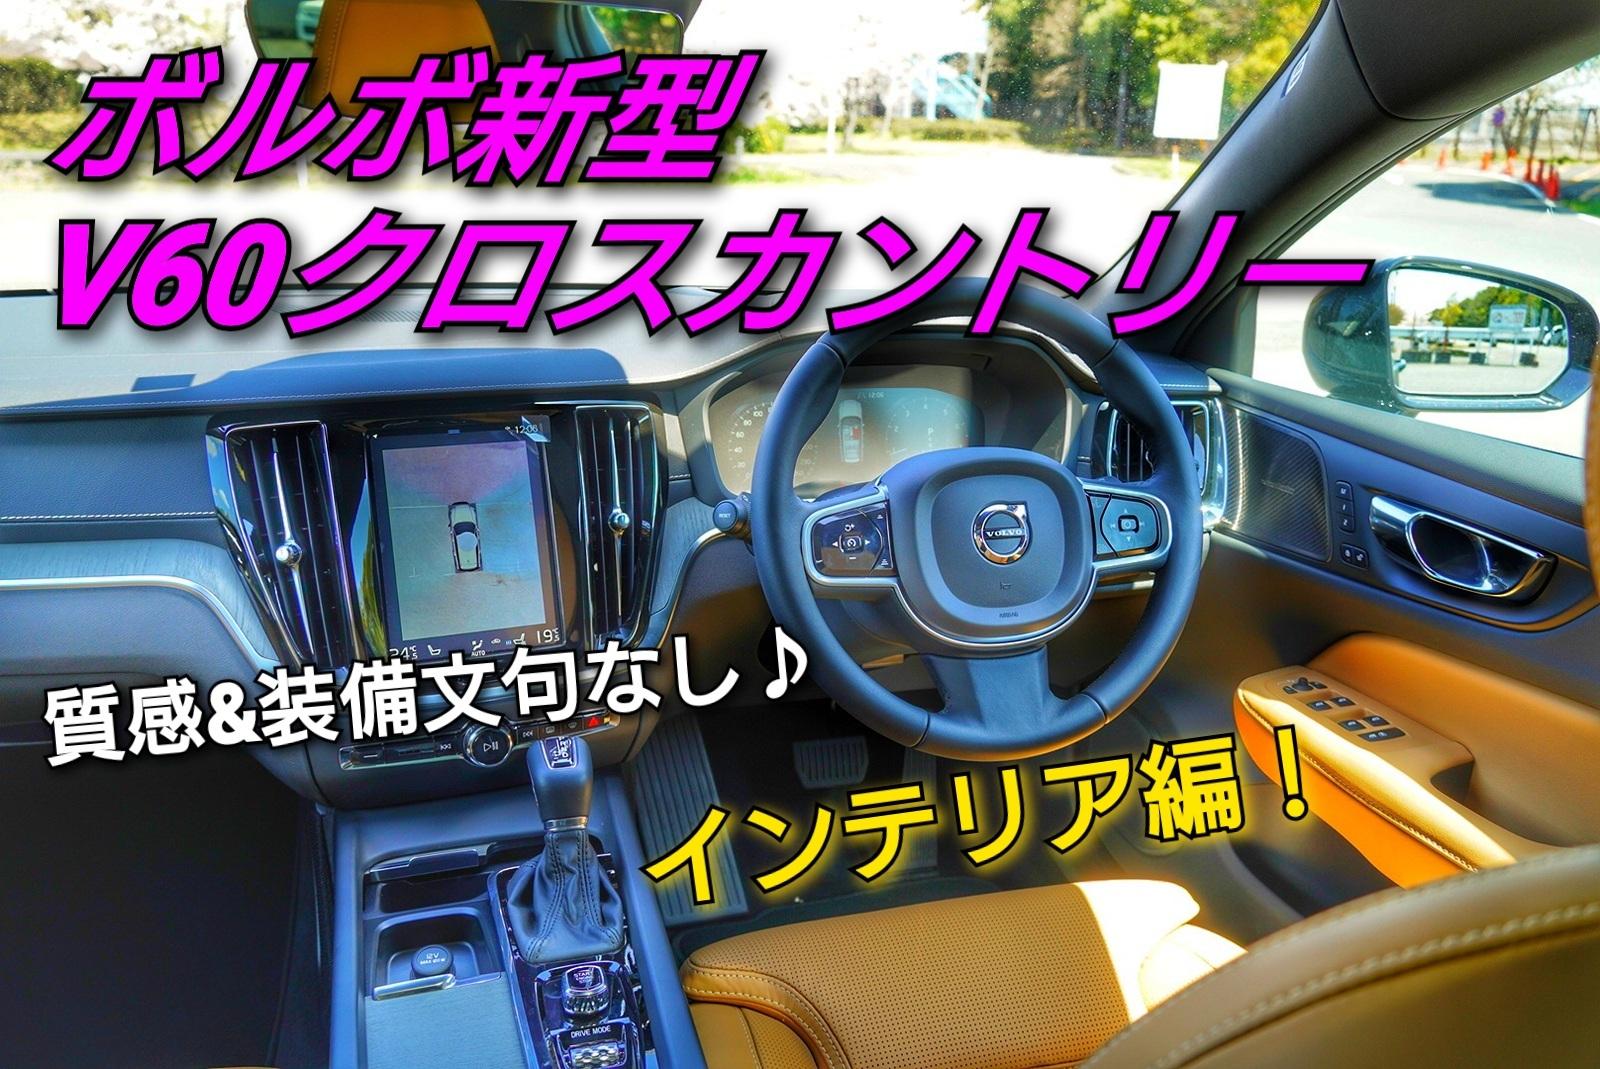 【内装の質感は?】インテリア編!新型V60クロスカントリーインプレッション!③